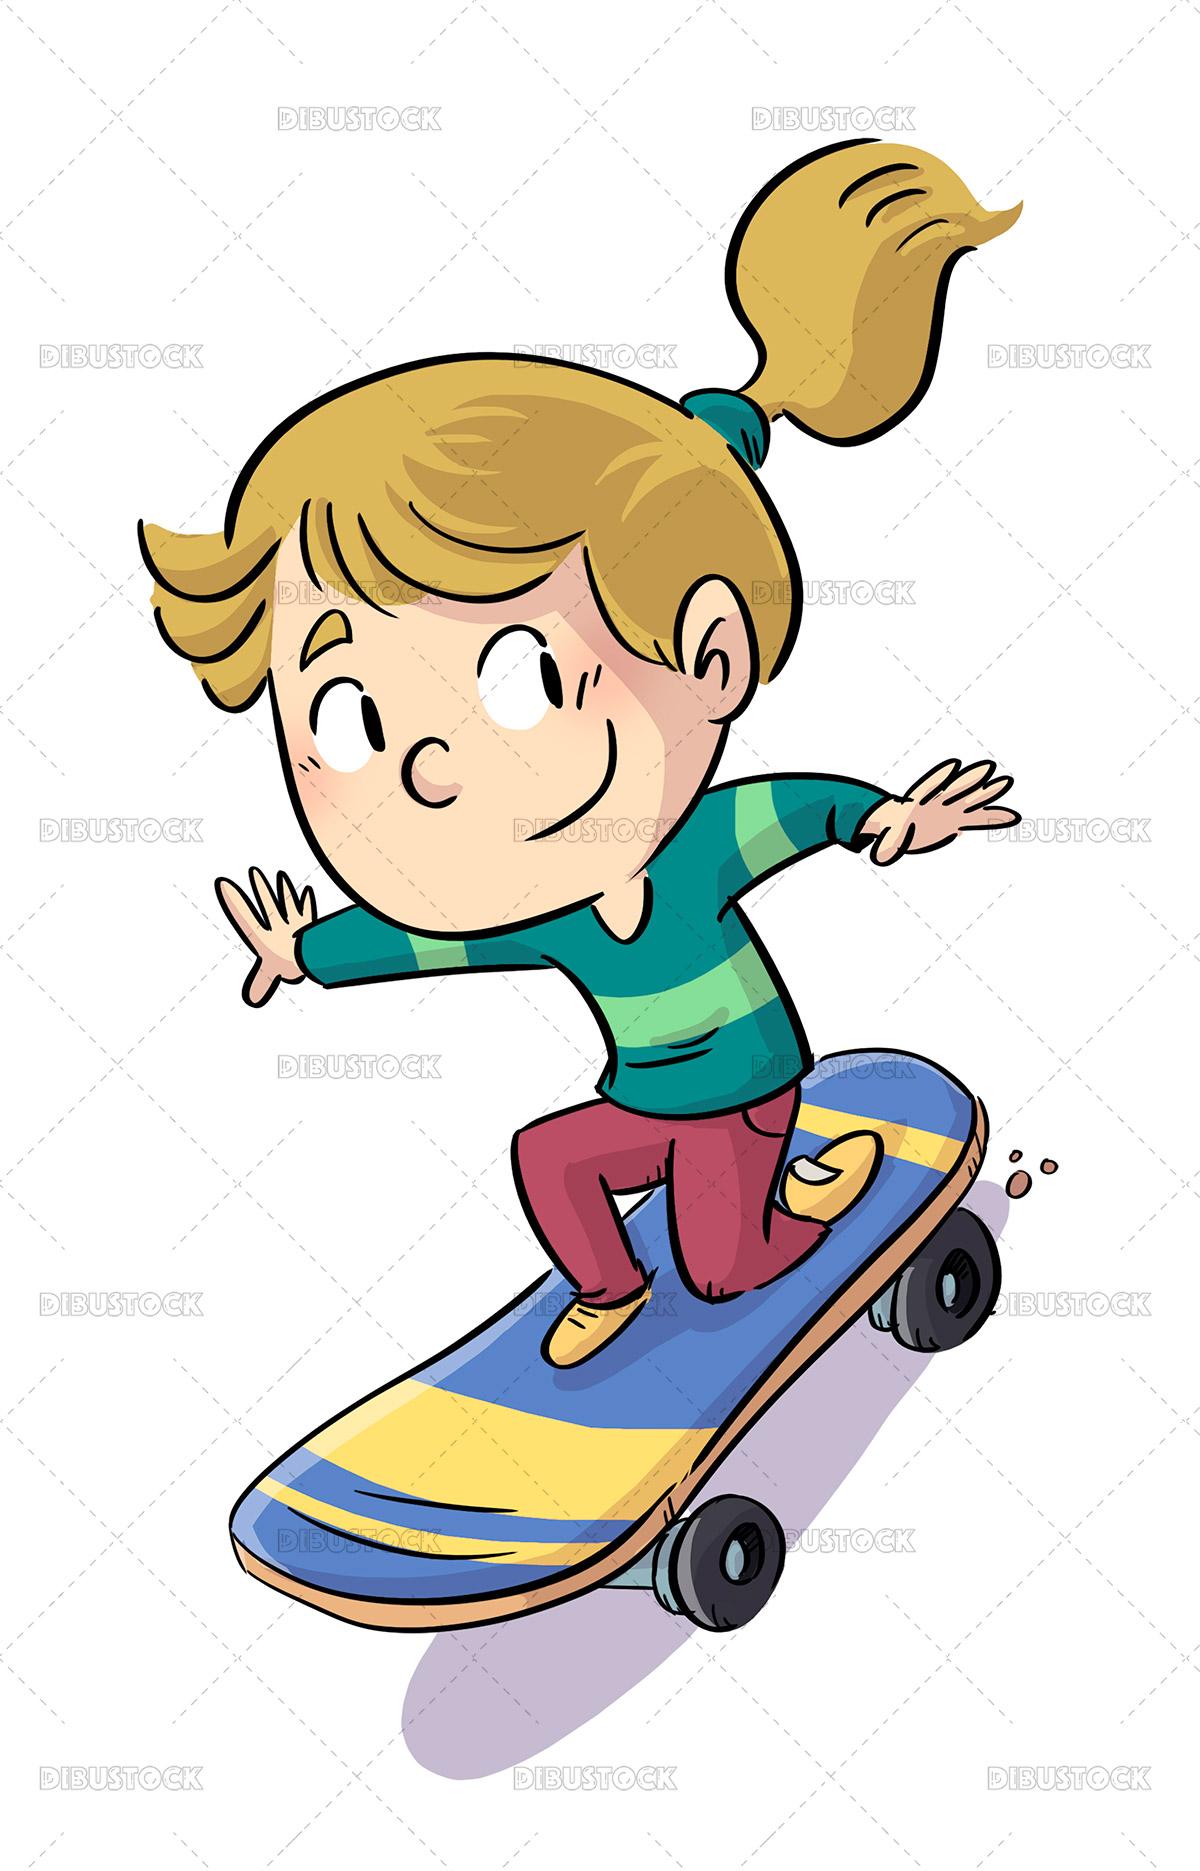 Illustration of little girl on a skateboard